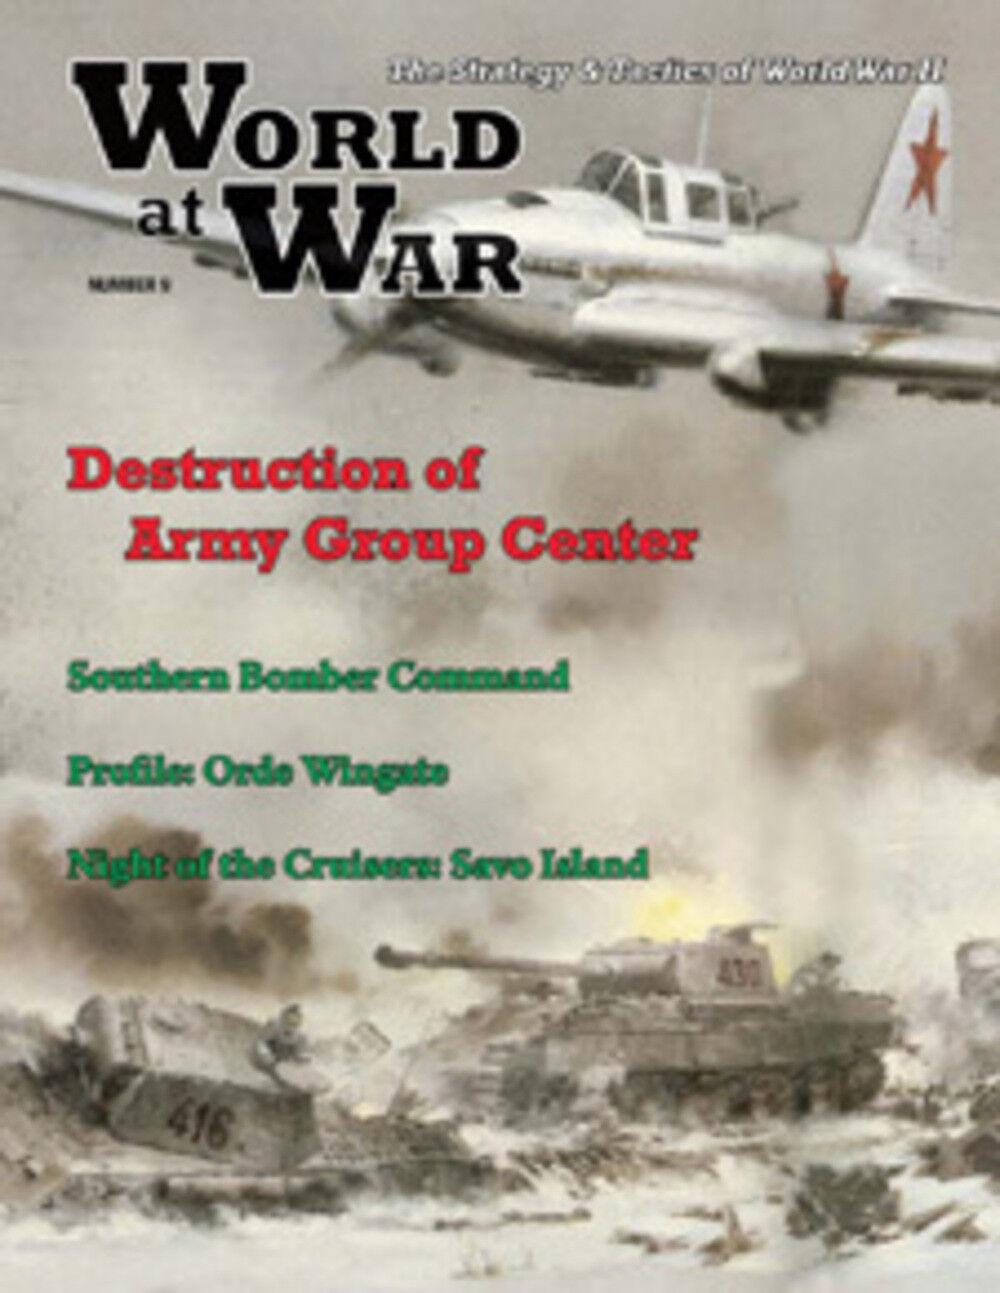 LE MONDE at War Number 9 destruction destruction destruction de Armée Groupe Centre - sans perforation 06e129